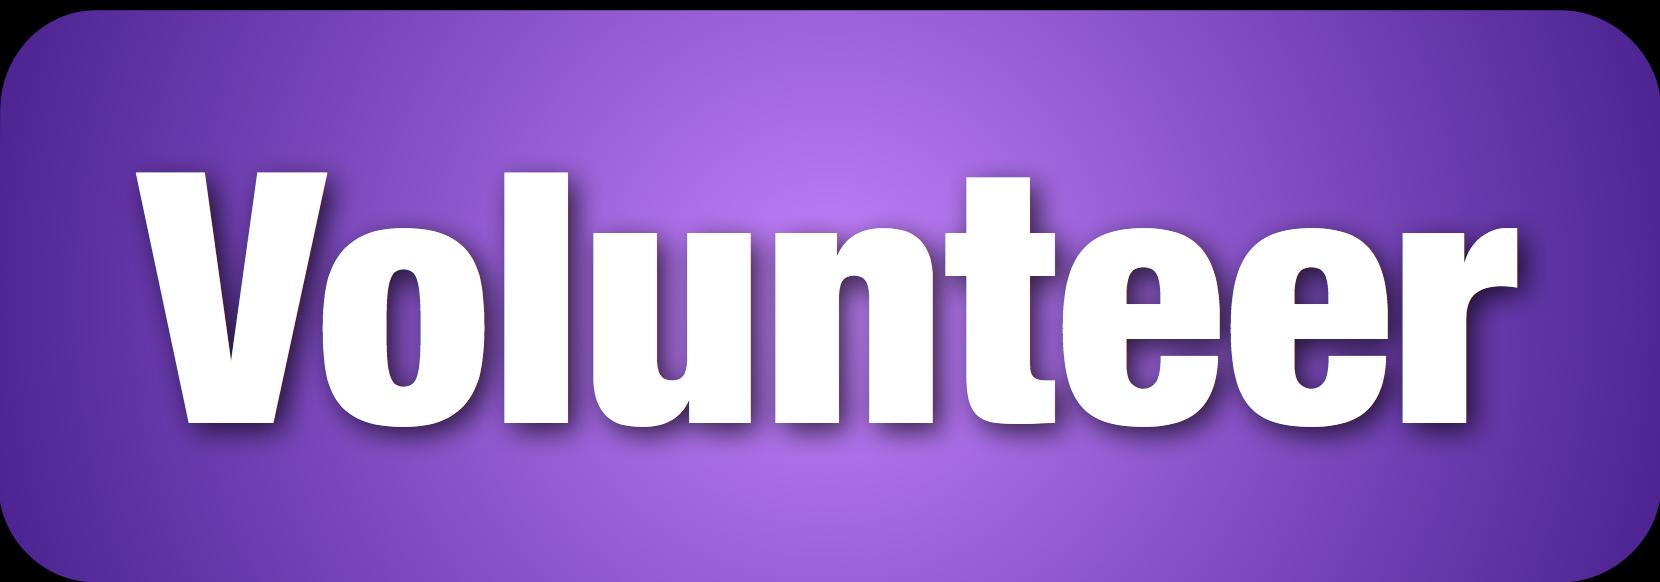 volunteer_tab